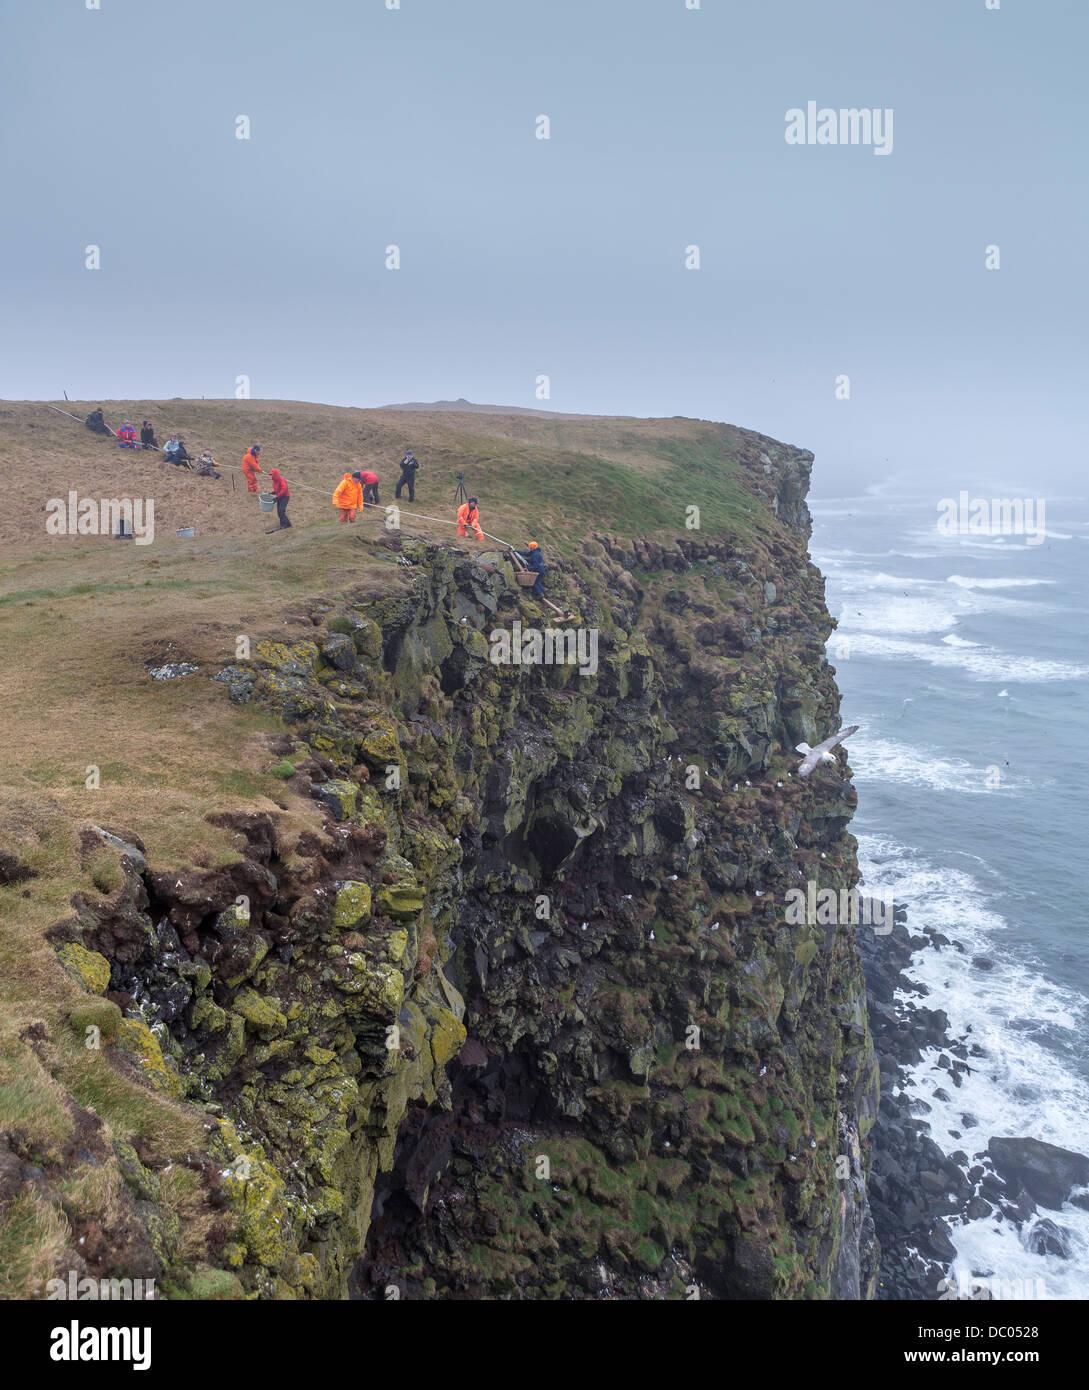 La raccolta di Guillemot le uova sulle scogliere, Ingolfshofdi, Islanda. Immagini Stock